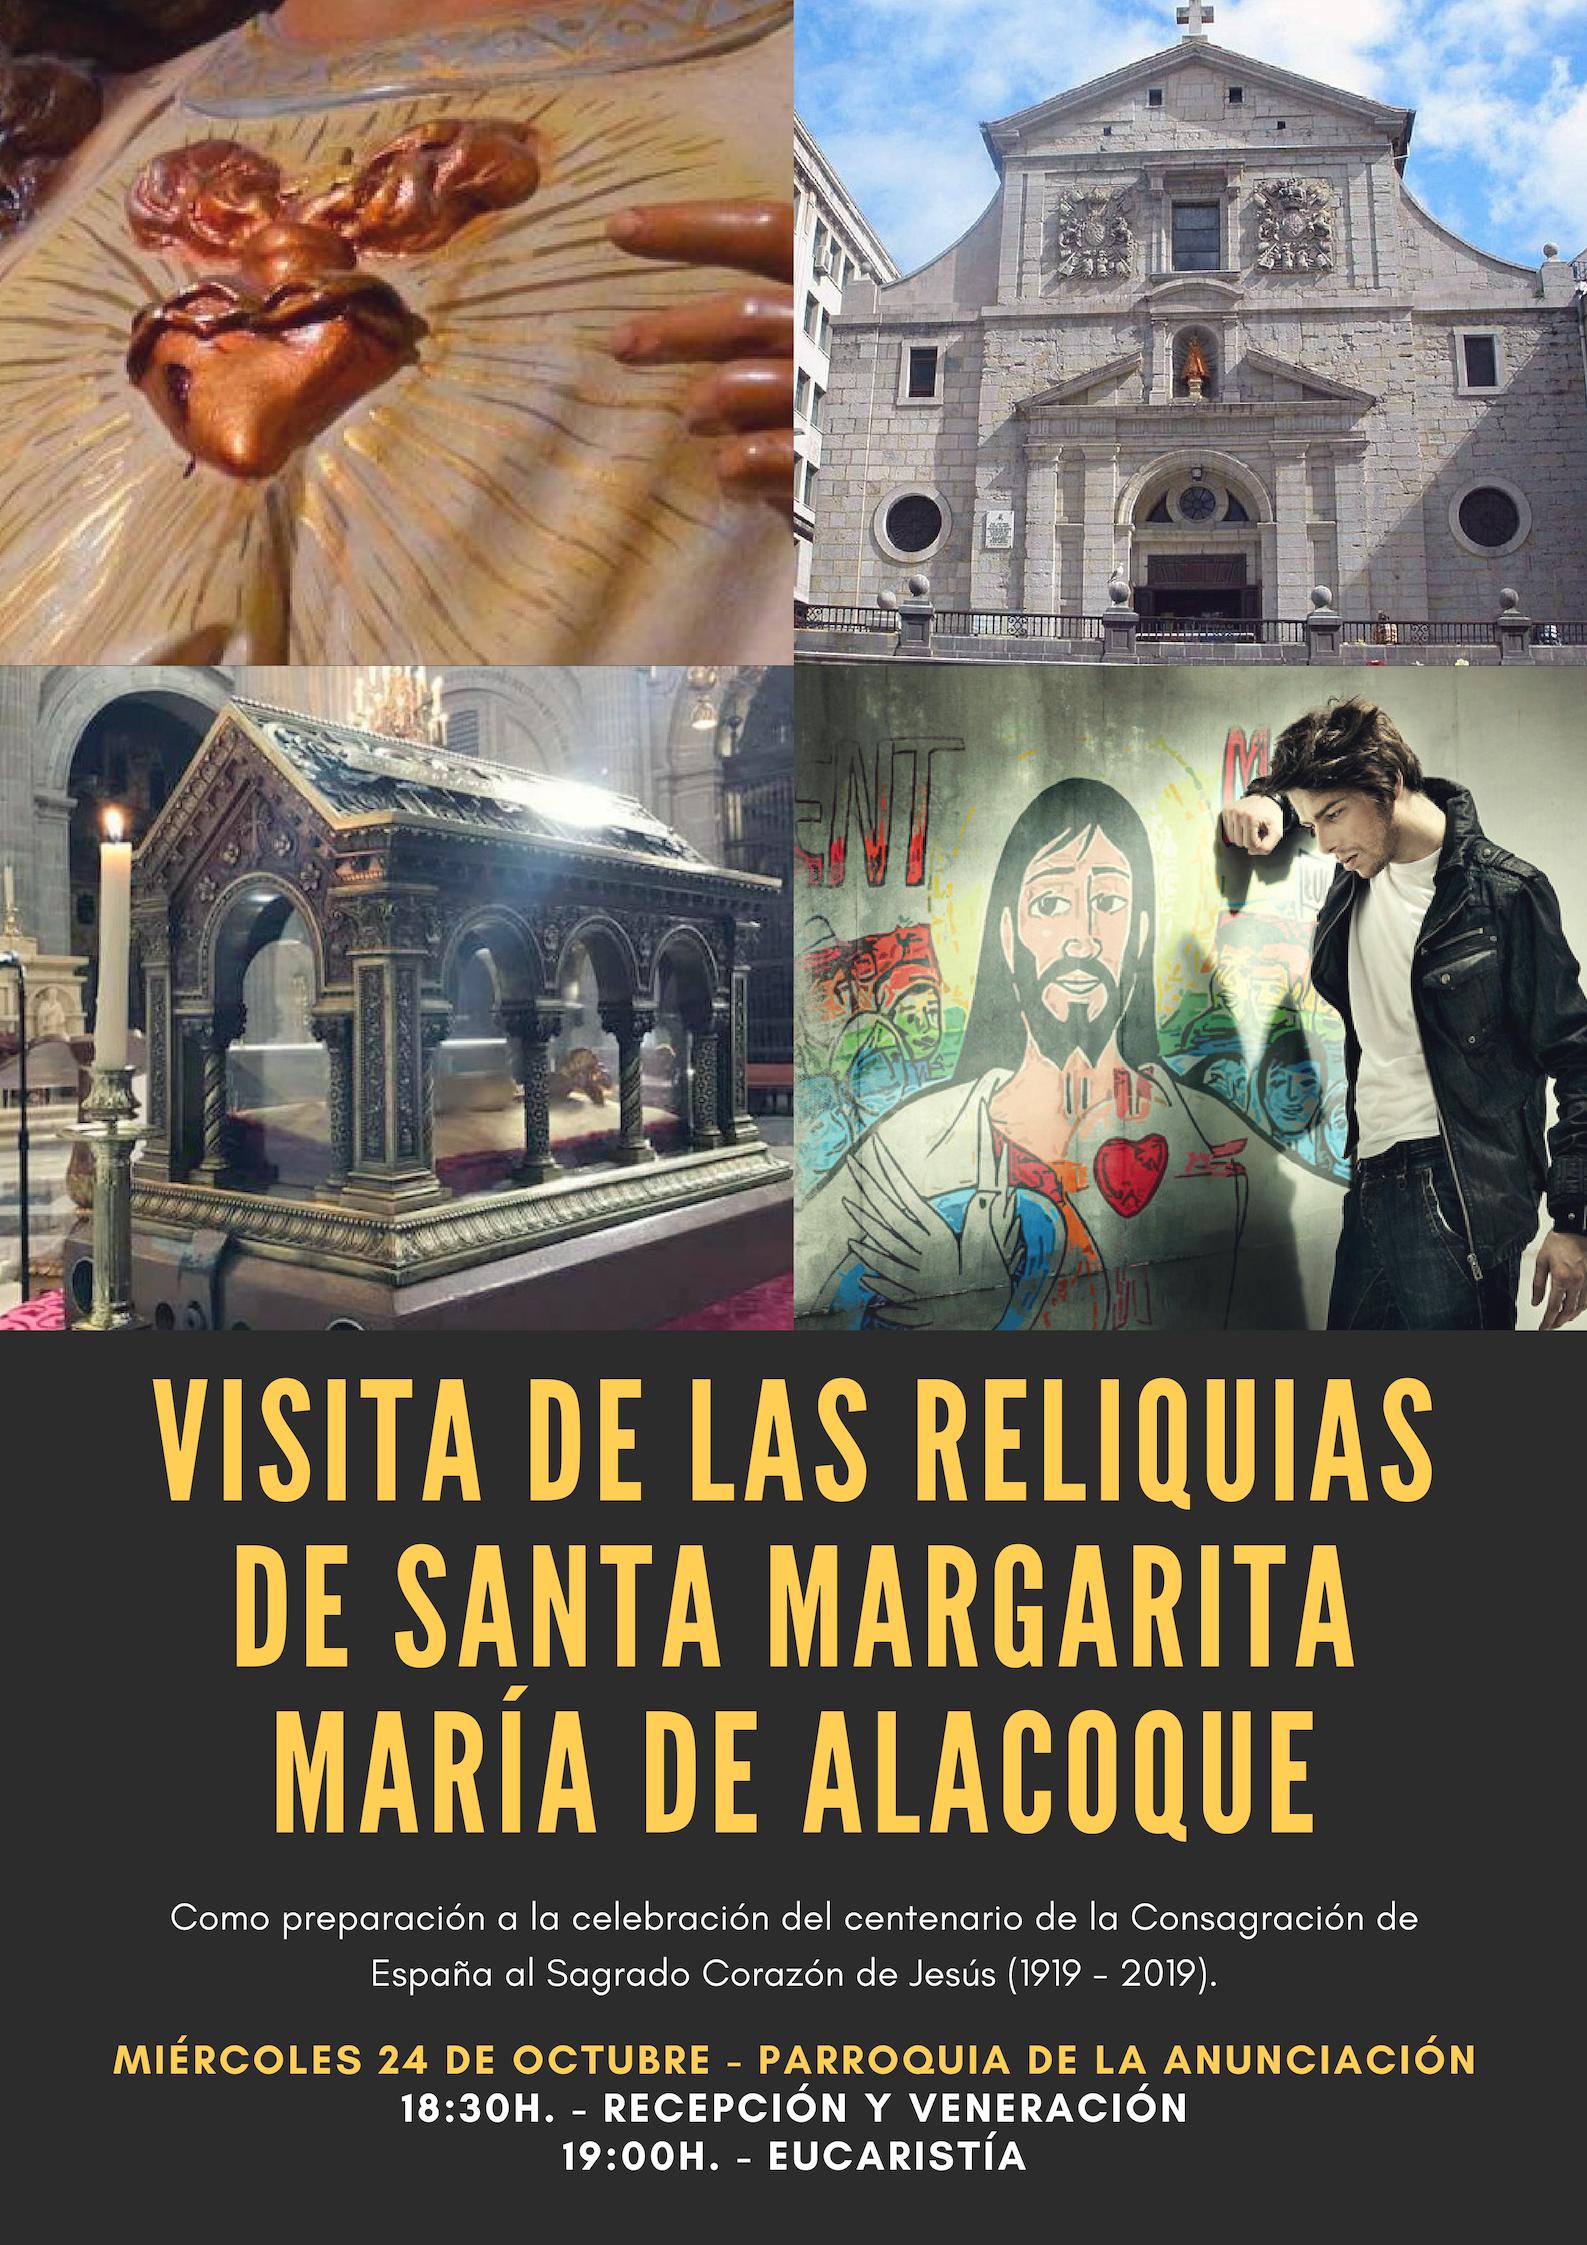 Resumen de la visita de las reliquias de Santa Margarita